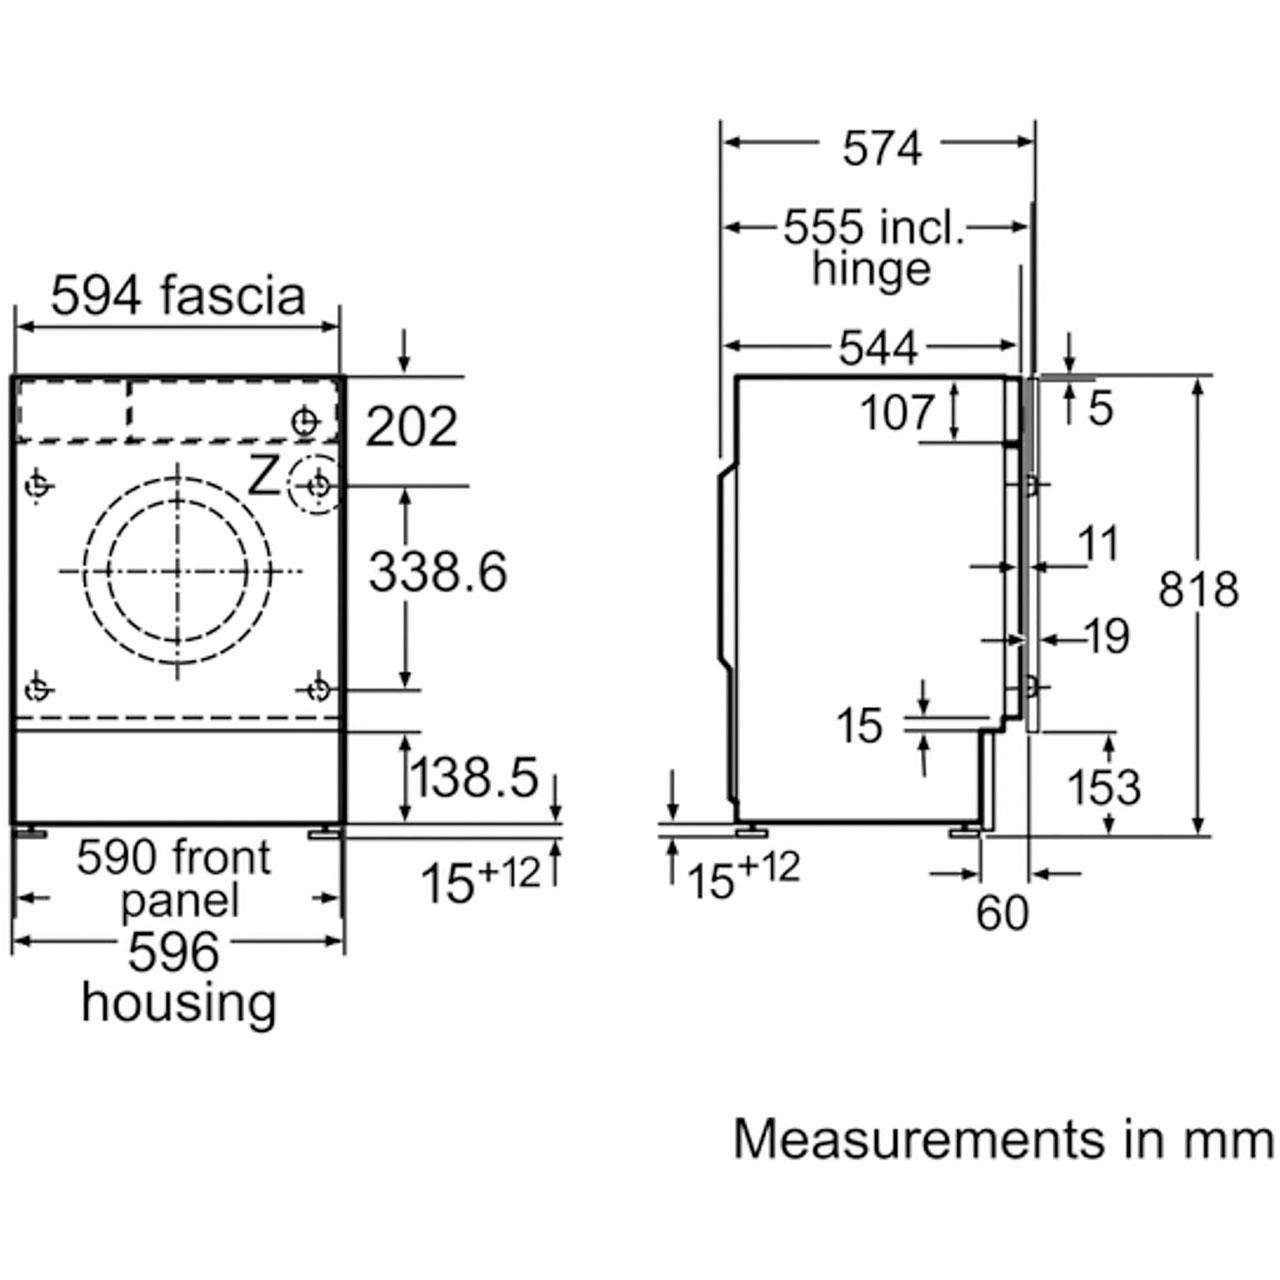 bosch 1400 washing machine manual